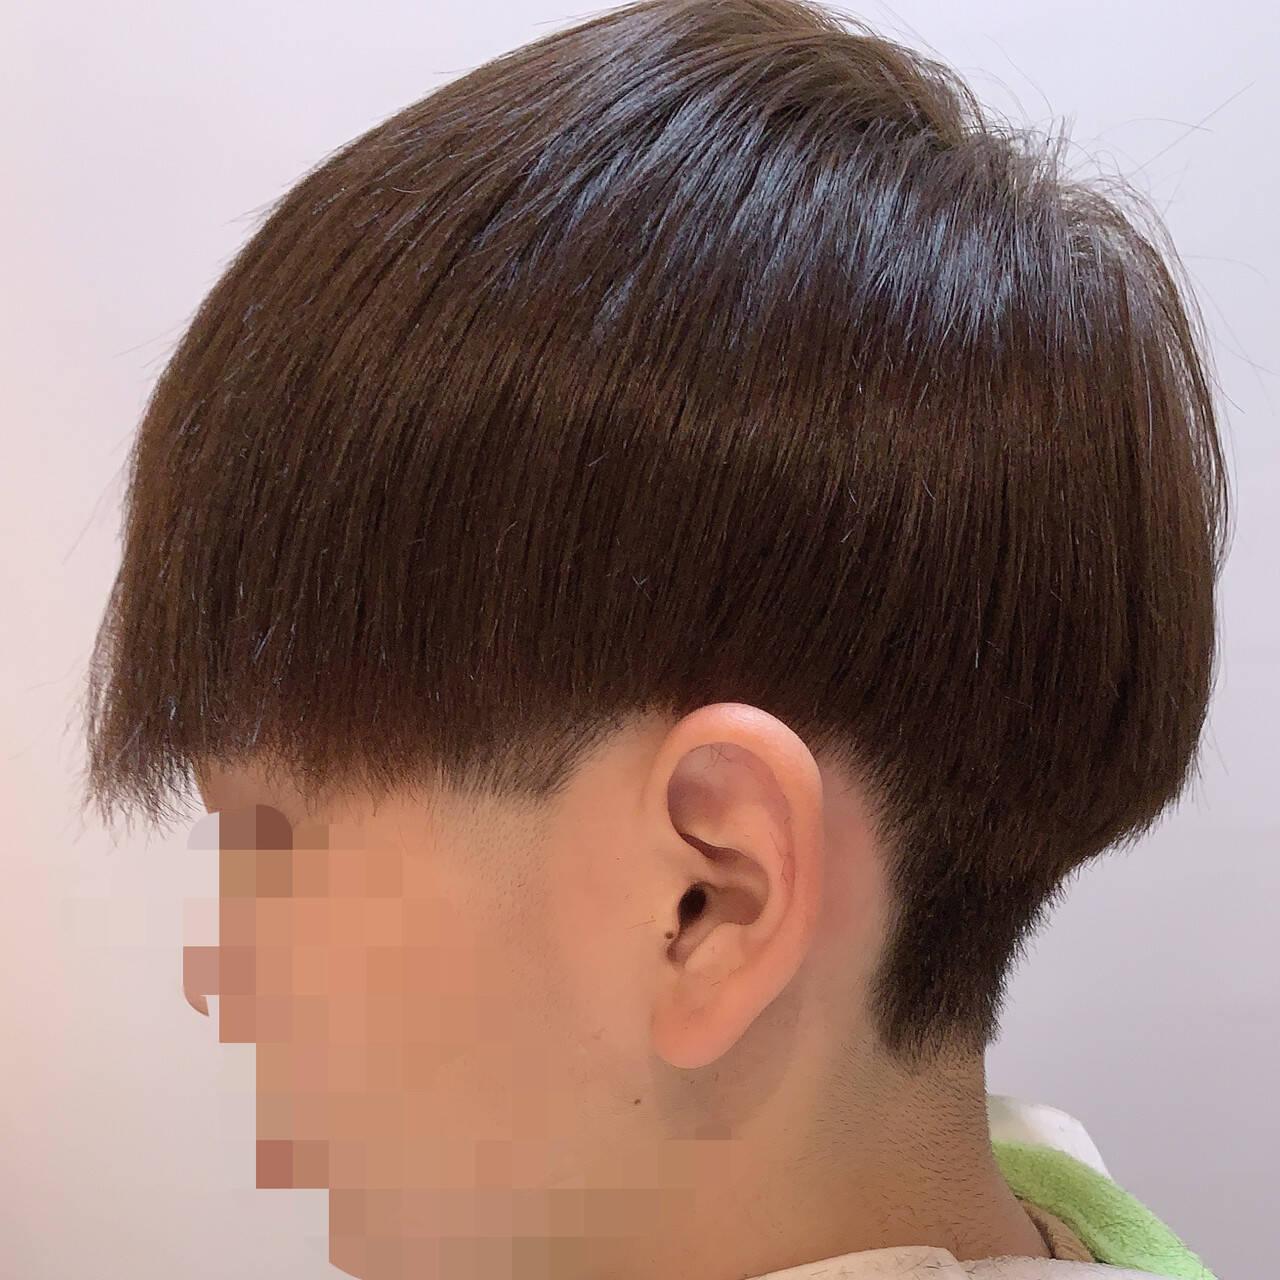 インナーカラー ナチュラル ミニボブ ショートヘアスタイルや髪型の写真・画像